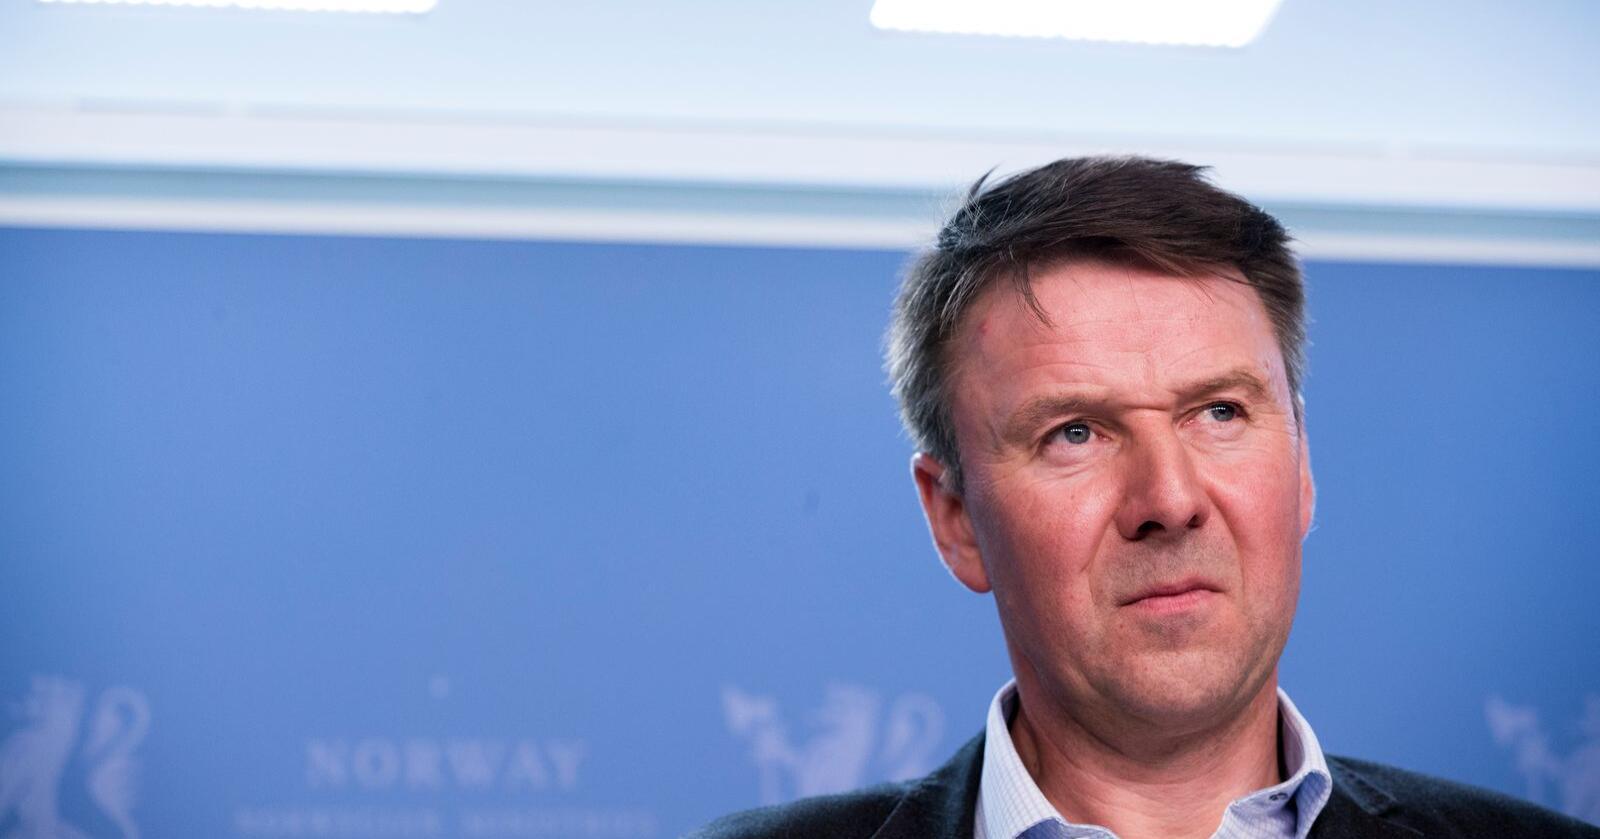 Lars Petter Bartnes, leder i Norges Bondelag, frykter at regjeringen vil ofre norsk landbruk for å sikre bedre markedsadgang for sjømat i Storbritannia. Foto: Terje Pedersen / NTB